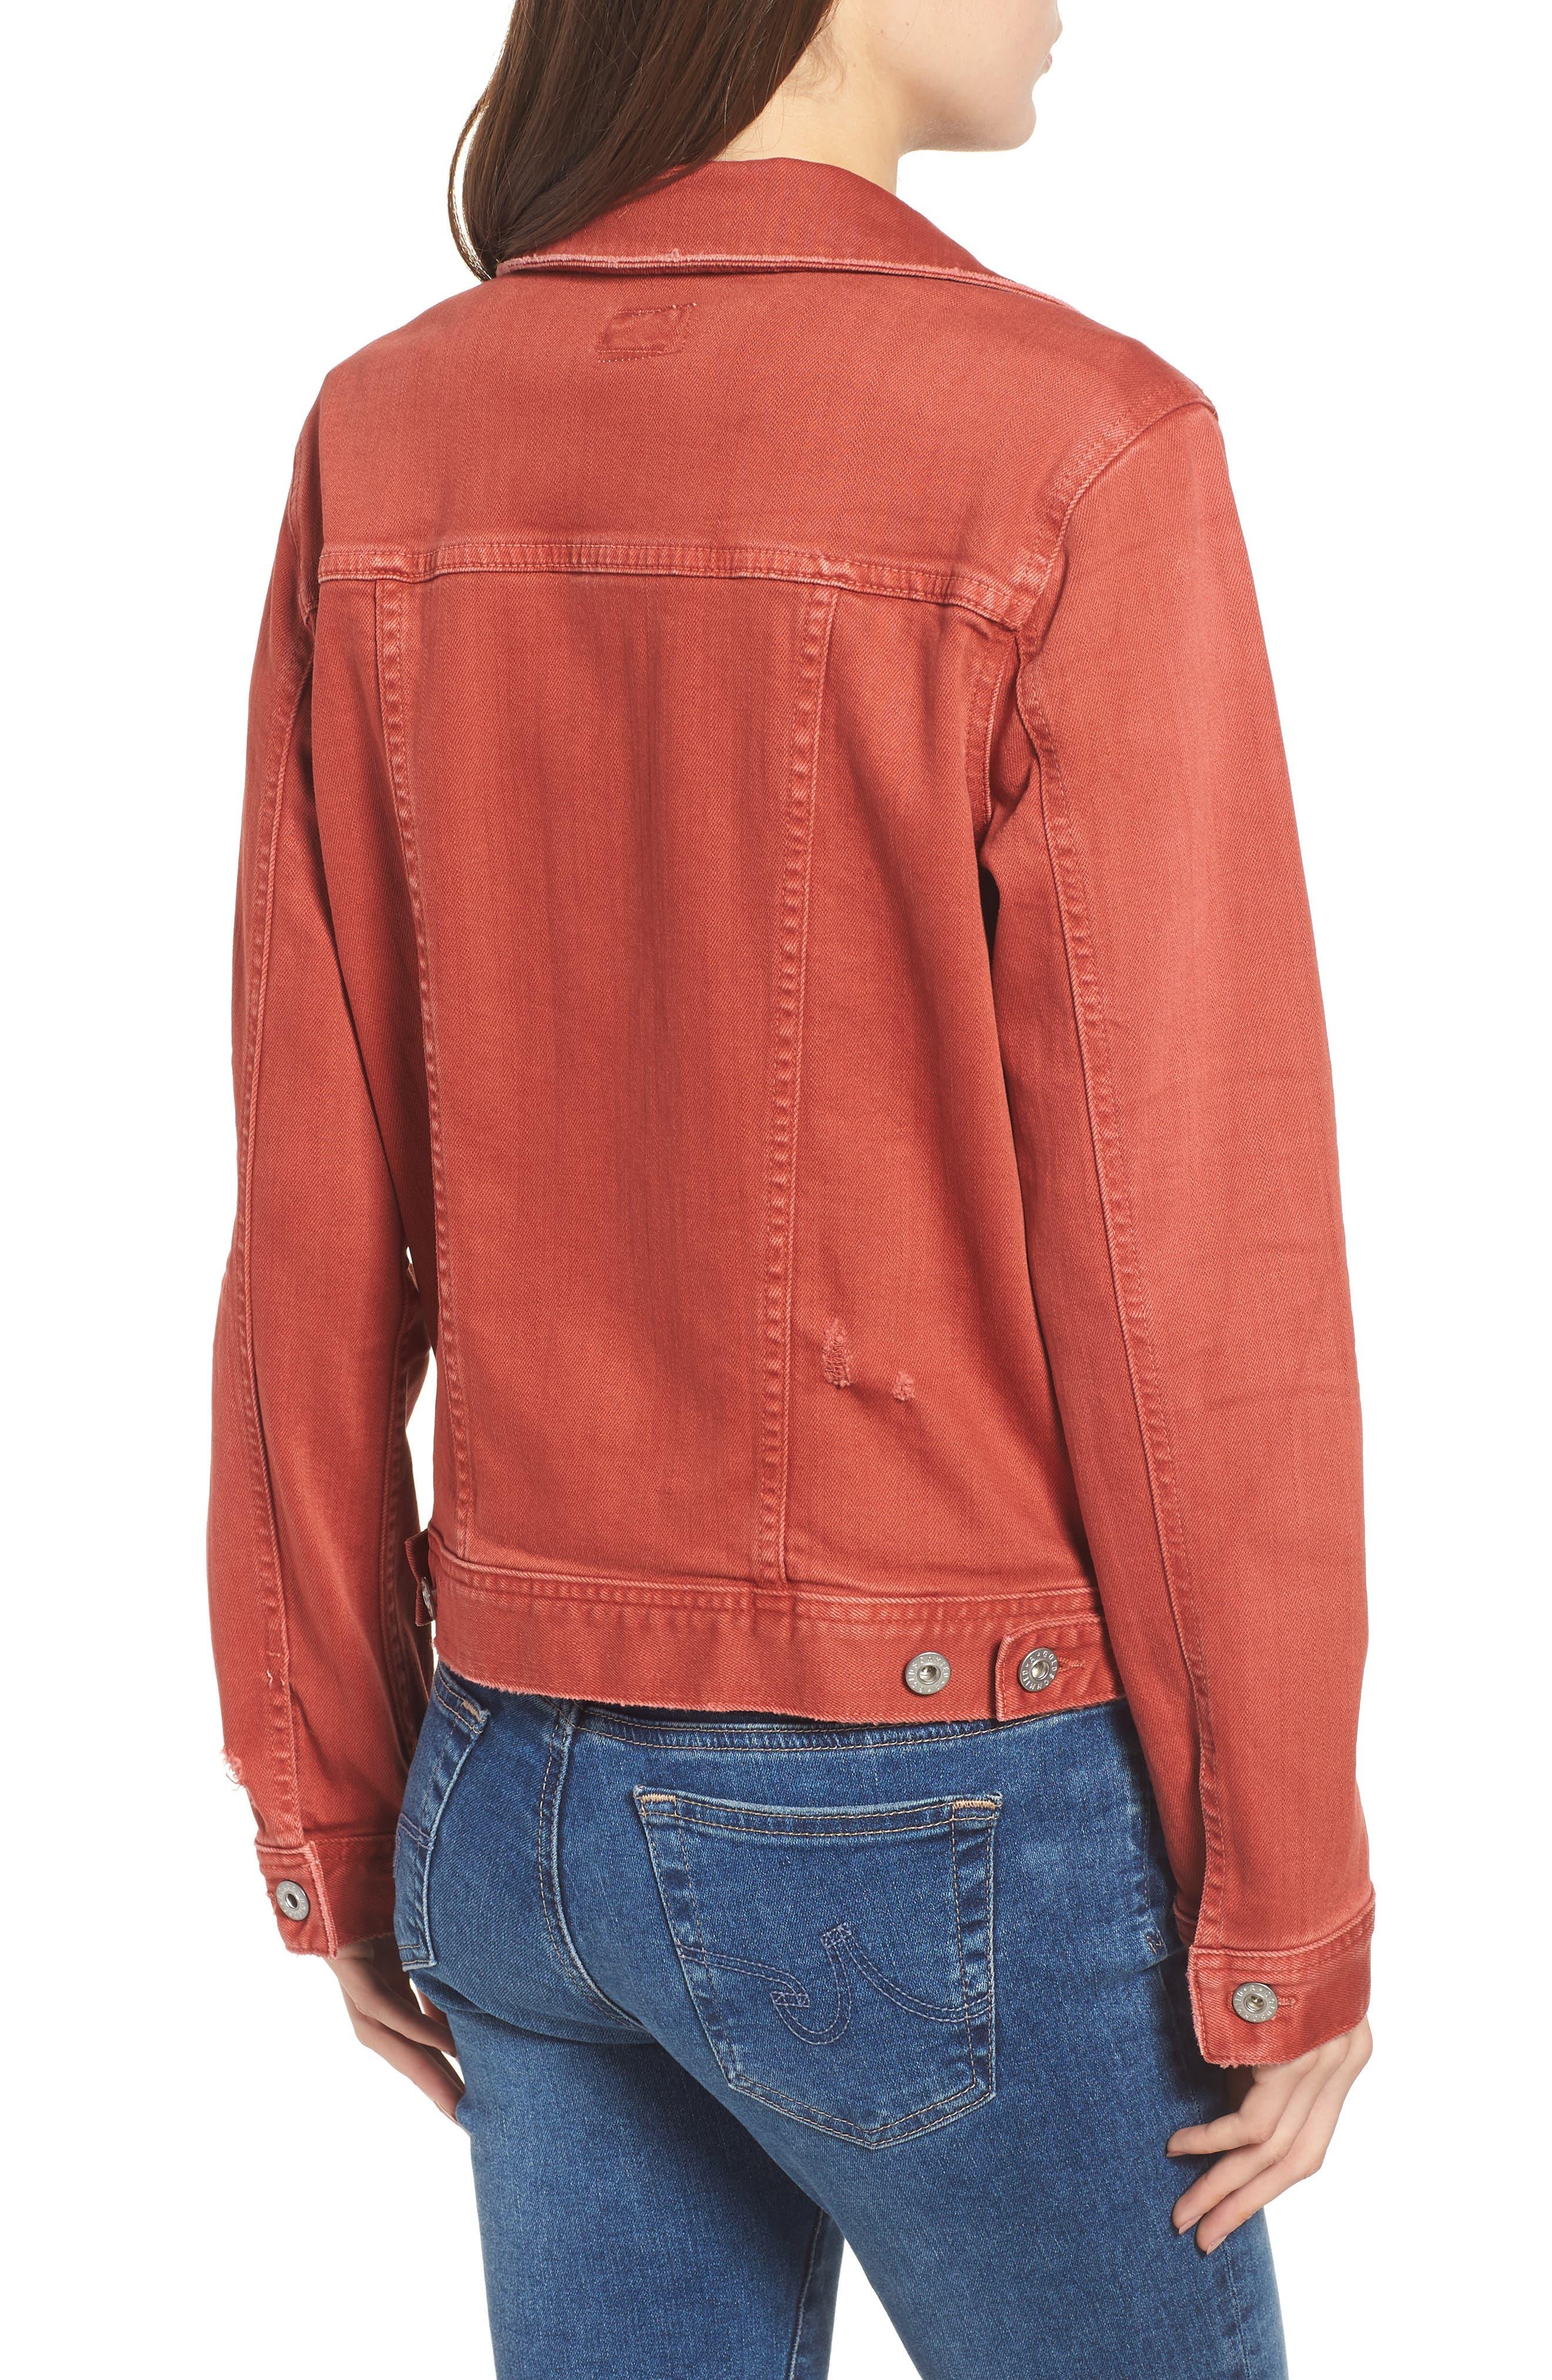 Mya Denim Jacket,                             Alternate thumbnail 2, color,                             10 Years Remedy Firebrick